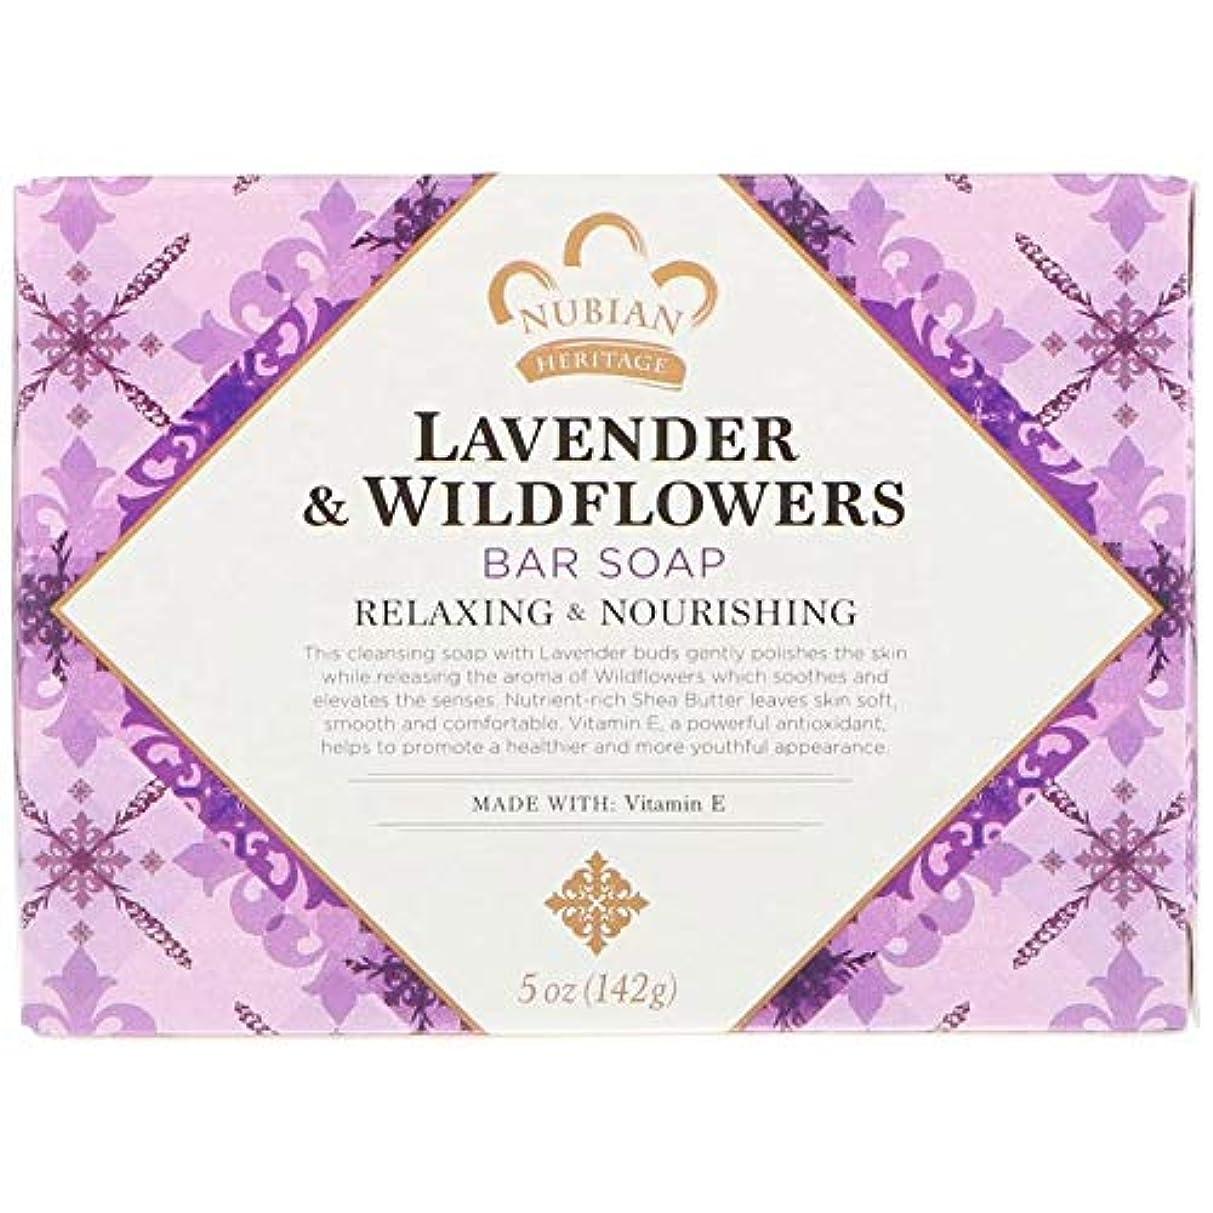 バンカー線形団結シアバターソープ石鹸 ラベンダー&ワイルドフラワー Lavender & Wildflowers Bar Soap, 5 oz (142 g) [並行輸入品]